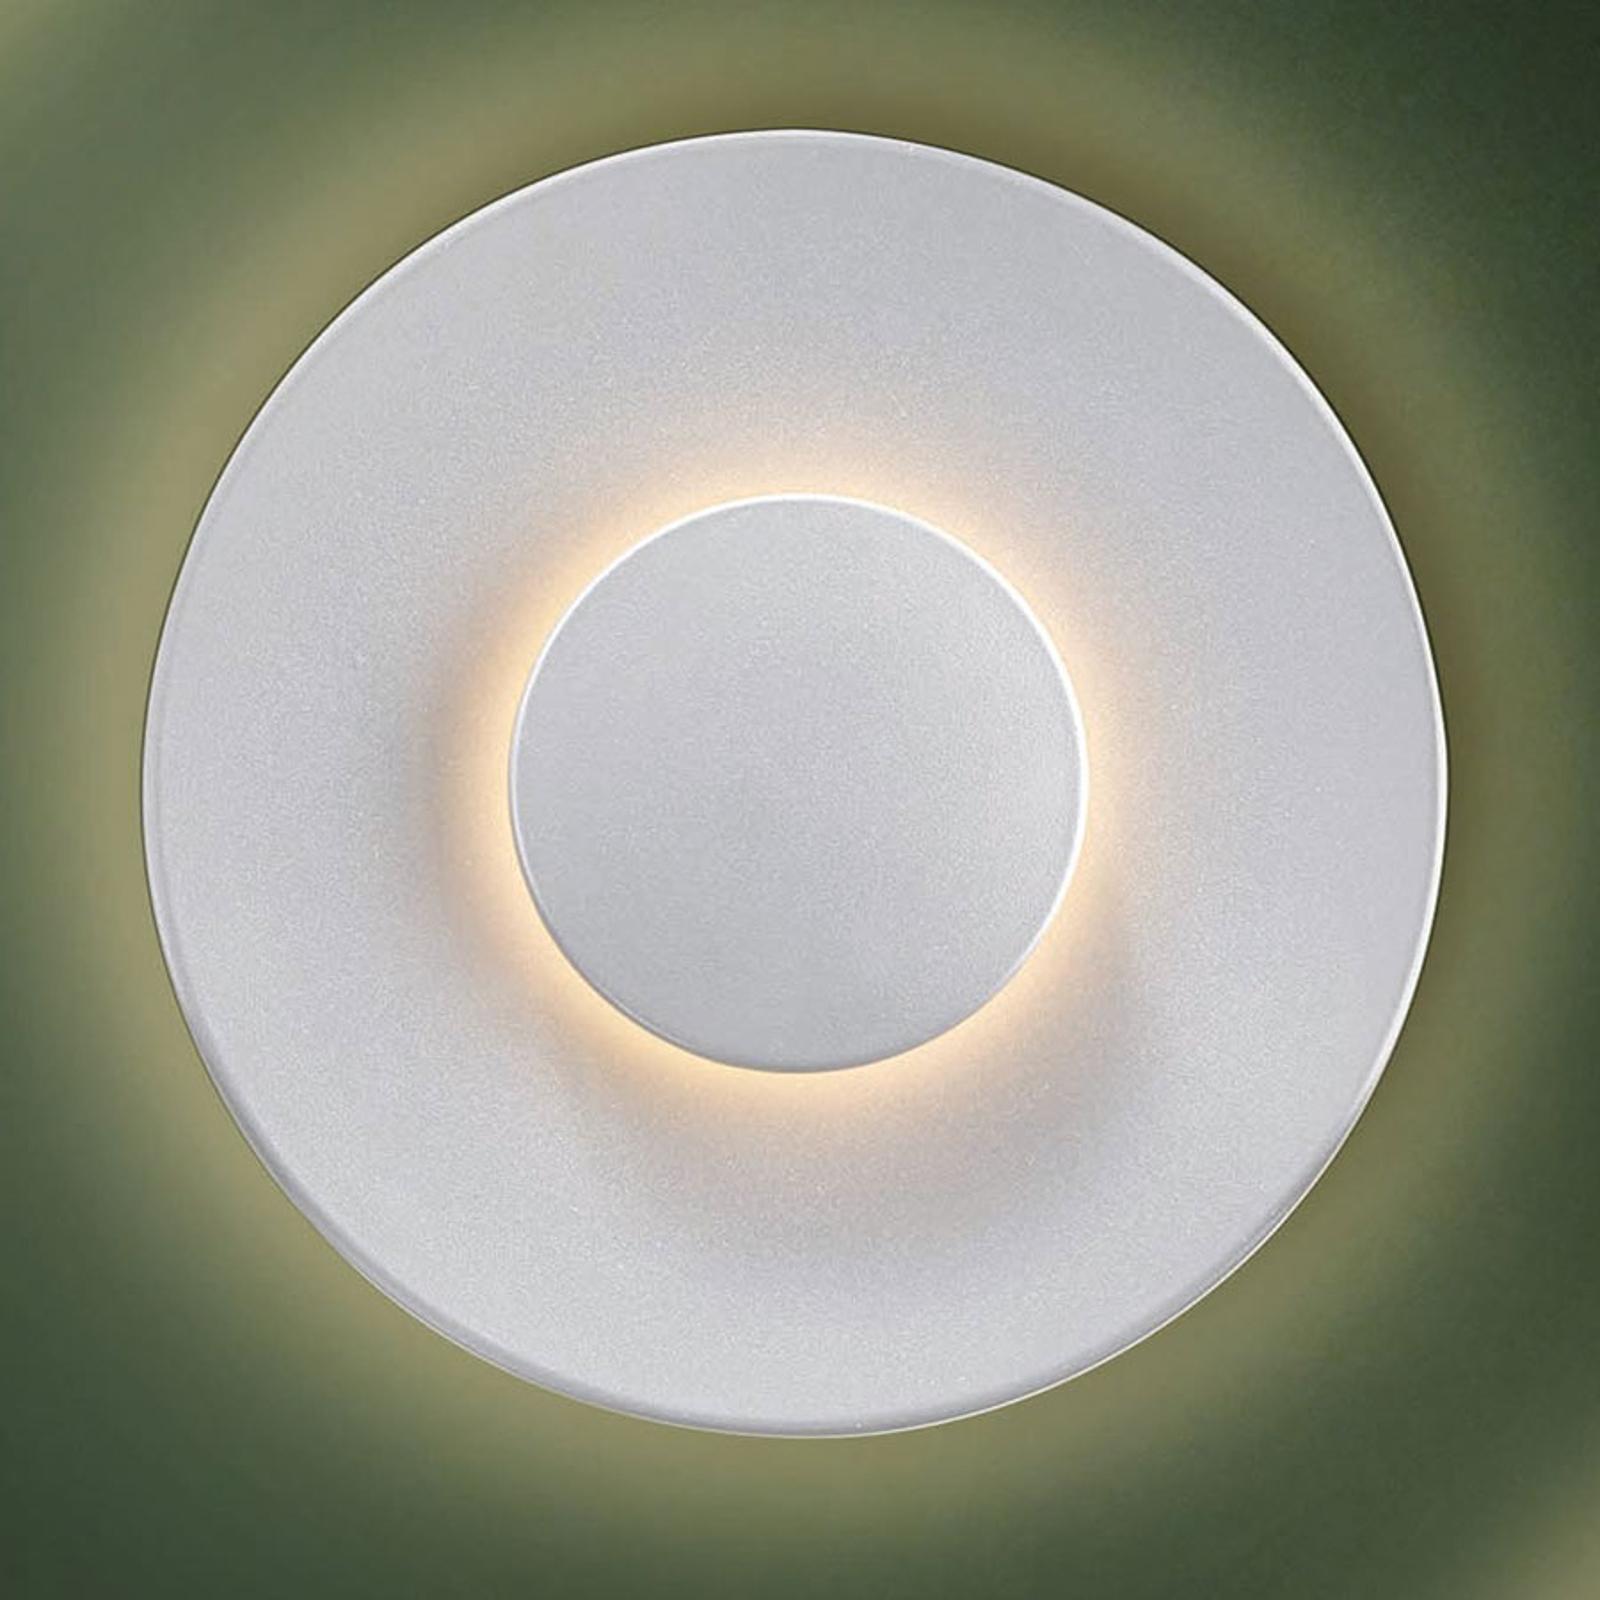 LED-Außenwandleuchte Piastra, weiß